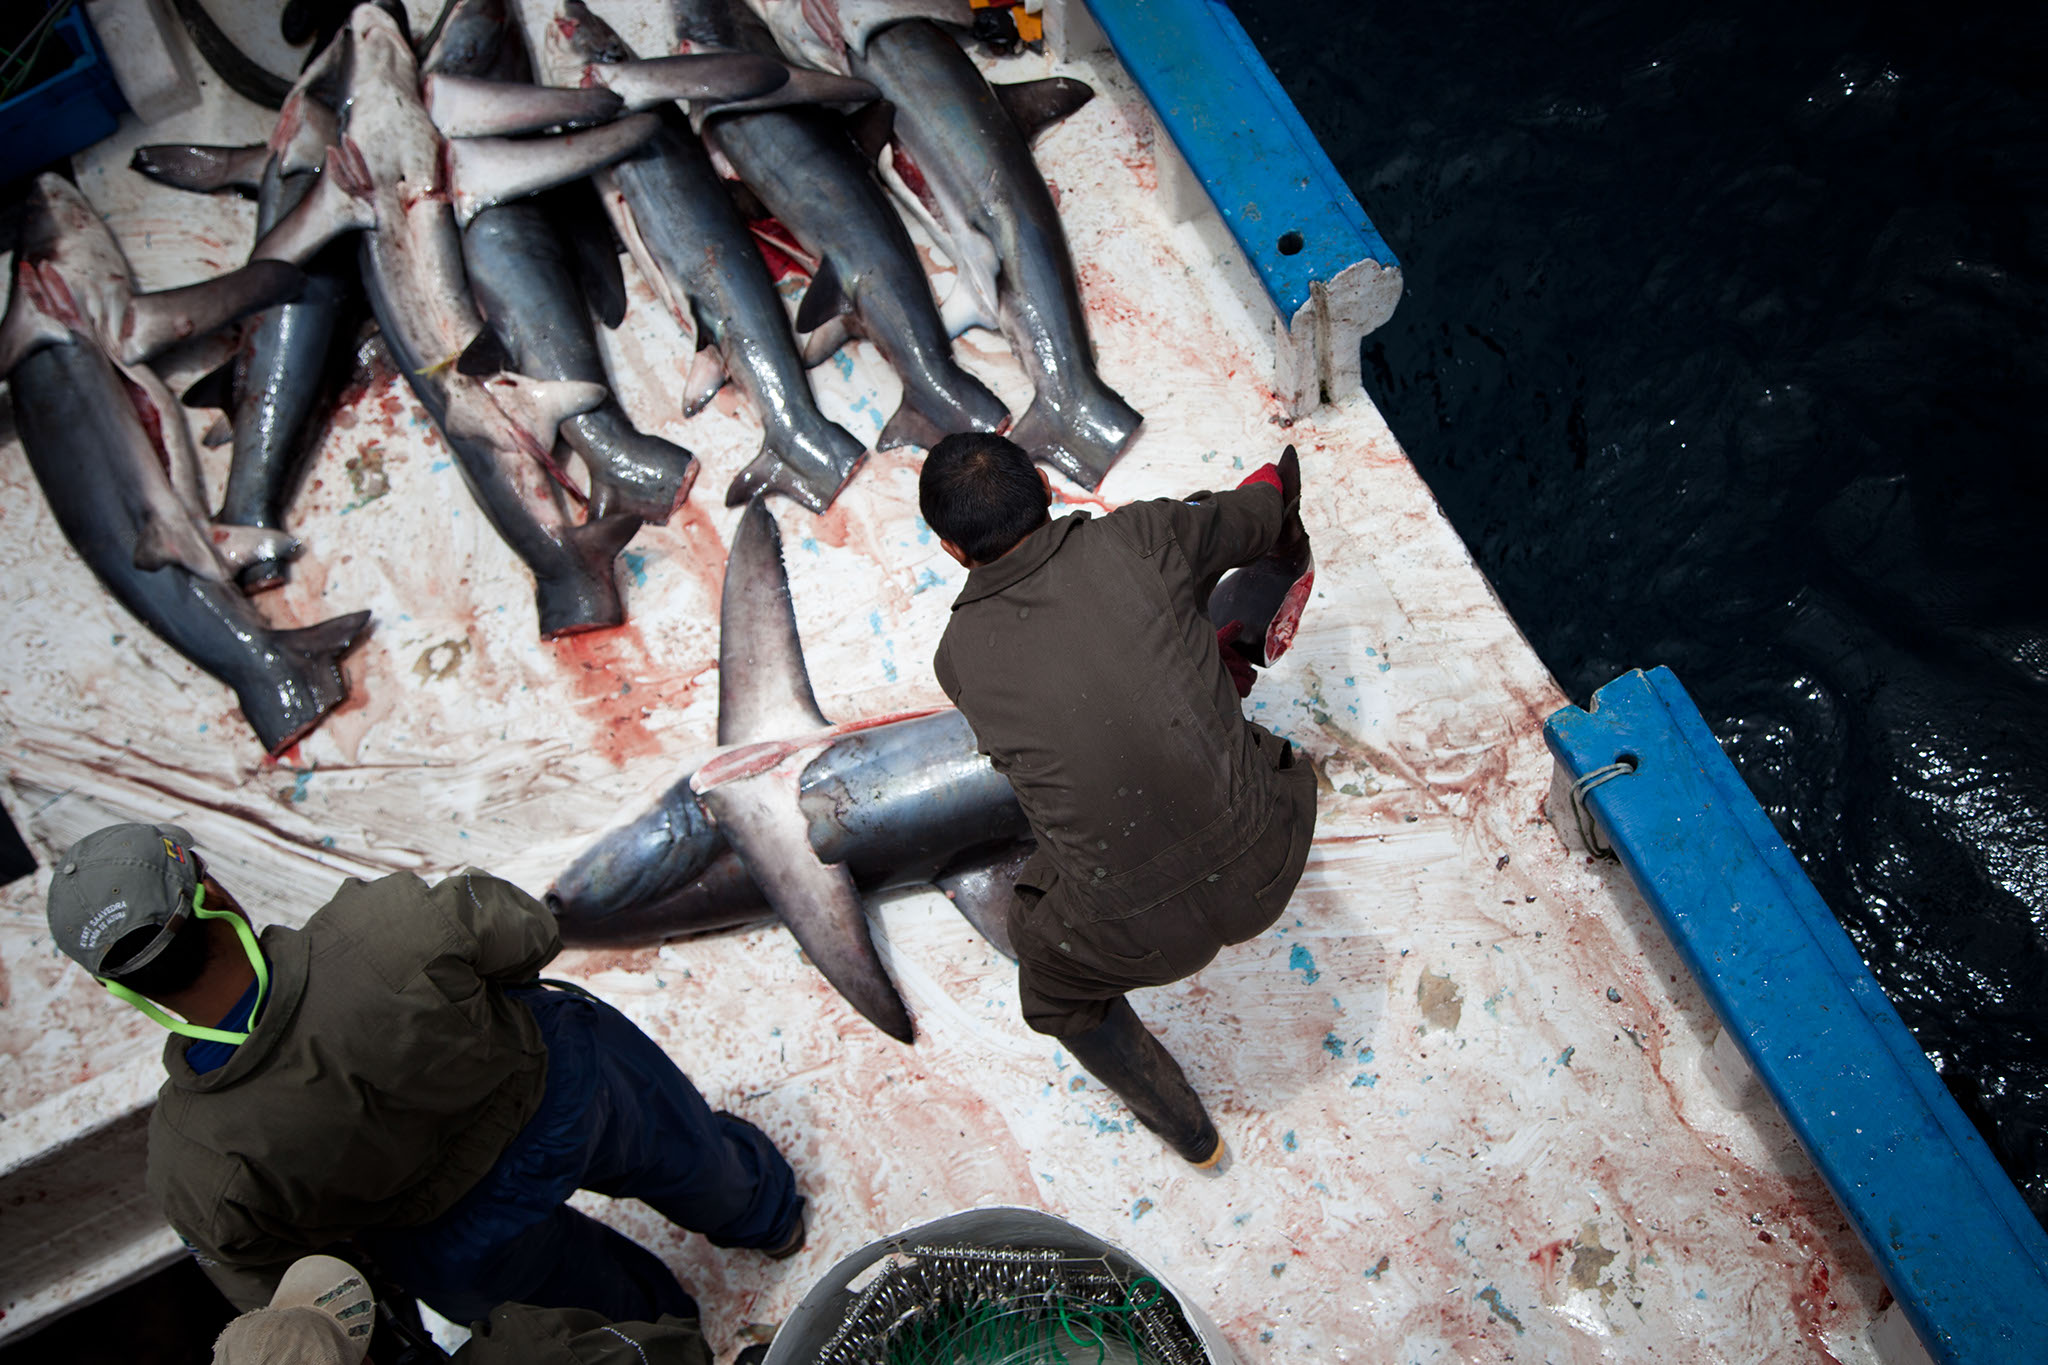 HumanAnimal__Shark_Finning_36.jpg